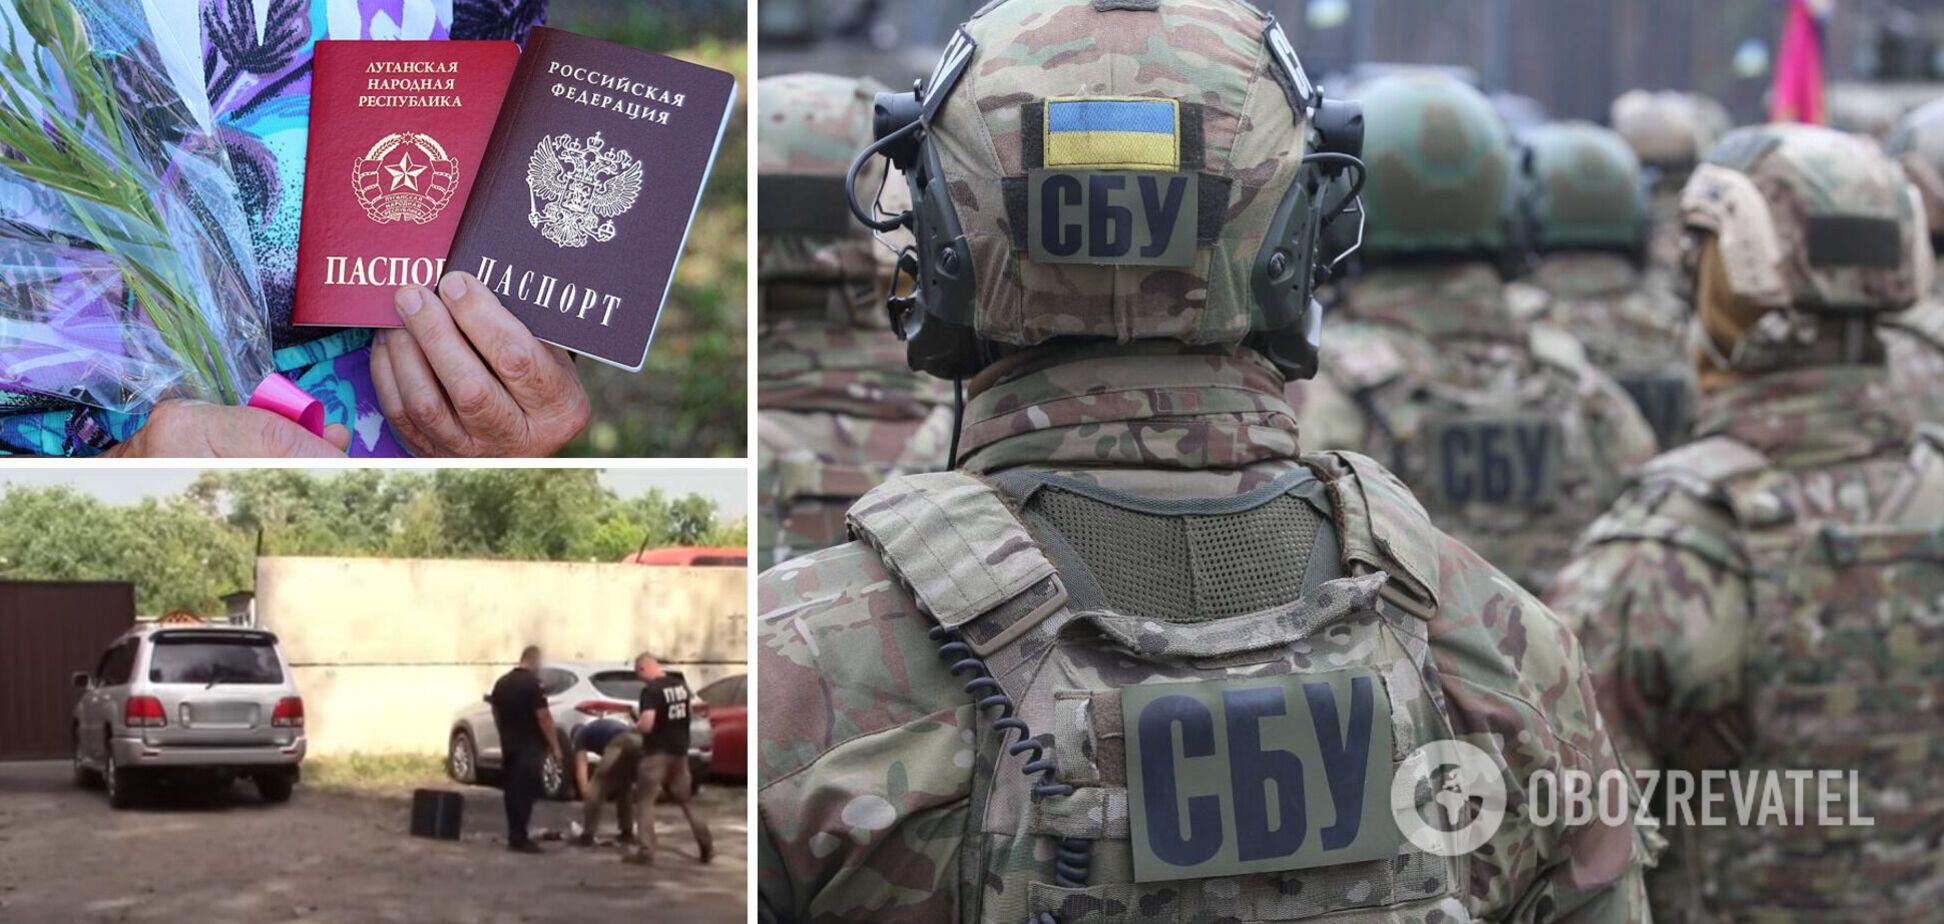 СБУ викрила агентурну мережу 'ЛНР', яка готувала теракти в Україні. Фото і відео